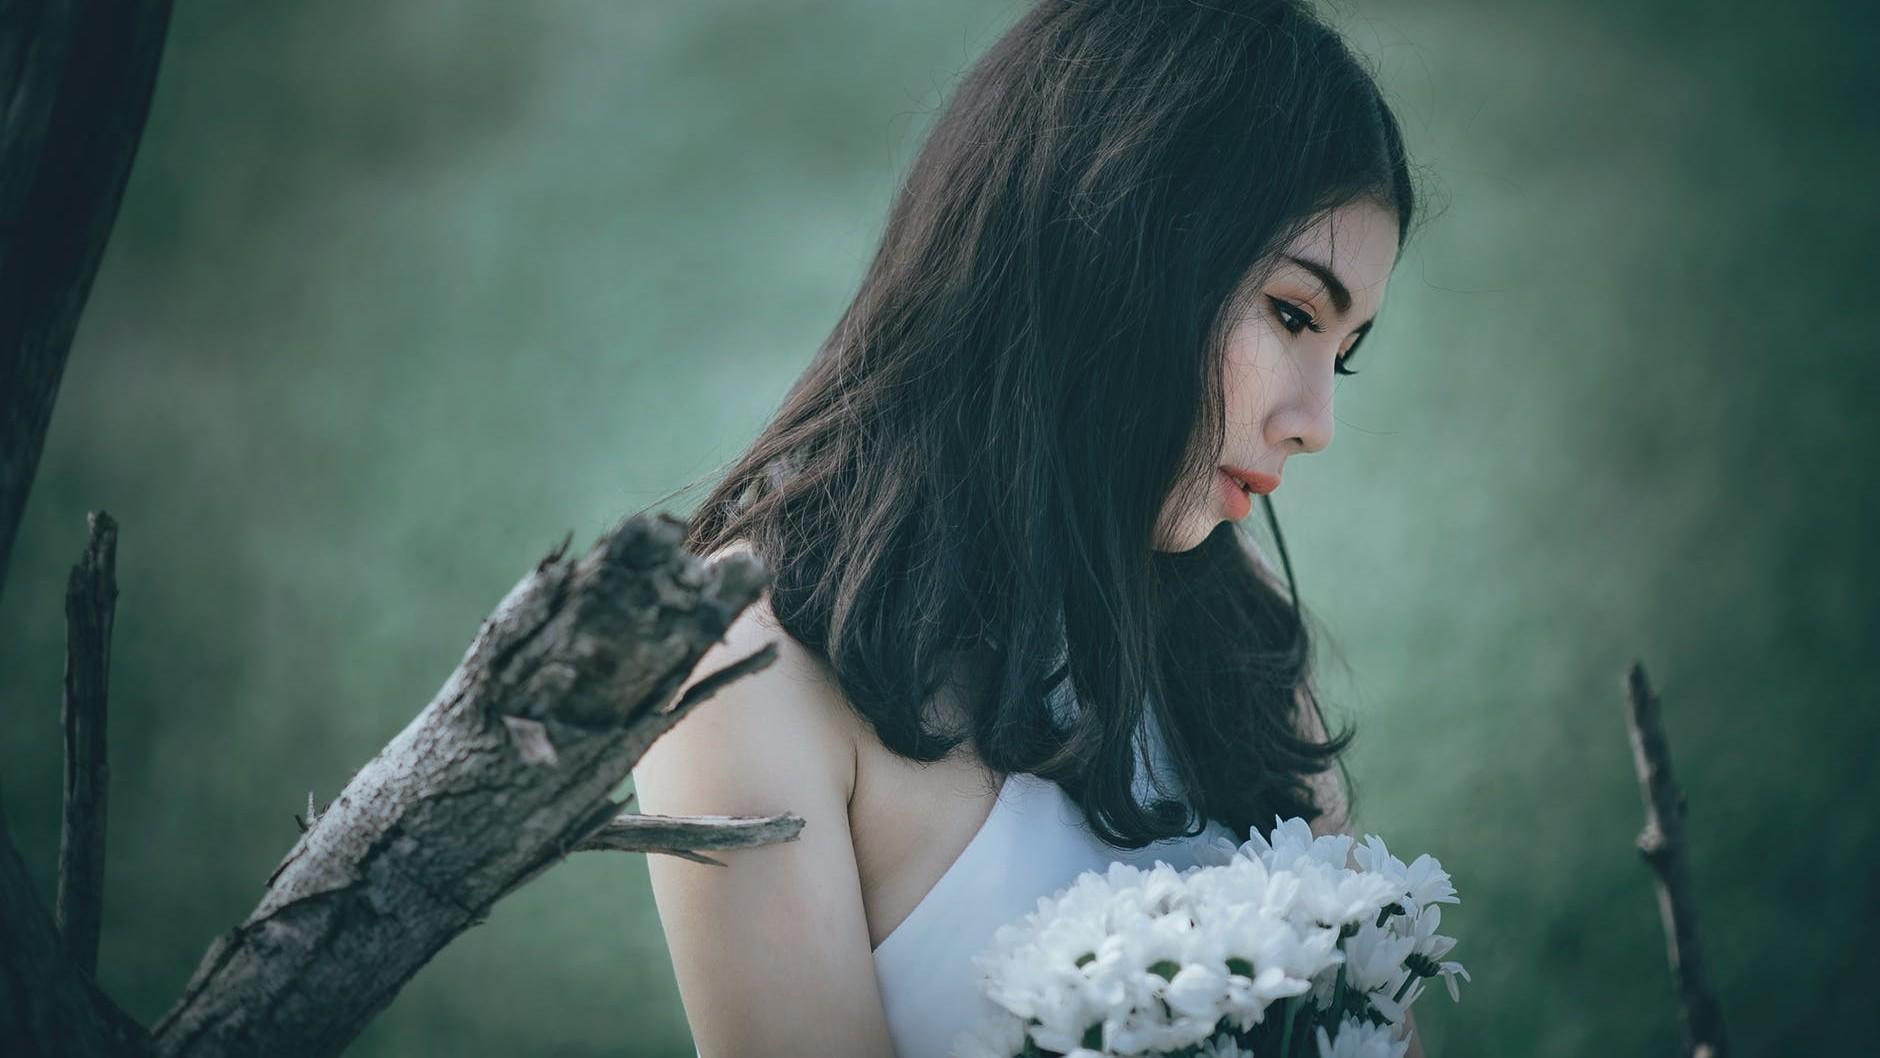 12星座戀愛盲點 金牛犯傻偏愛錯的人、雙魚愛上了就打死不退